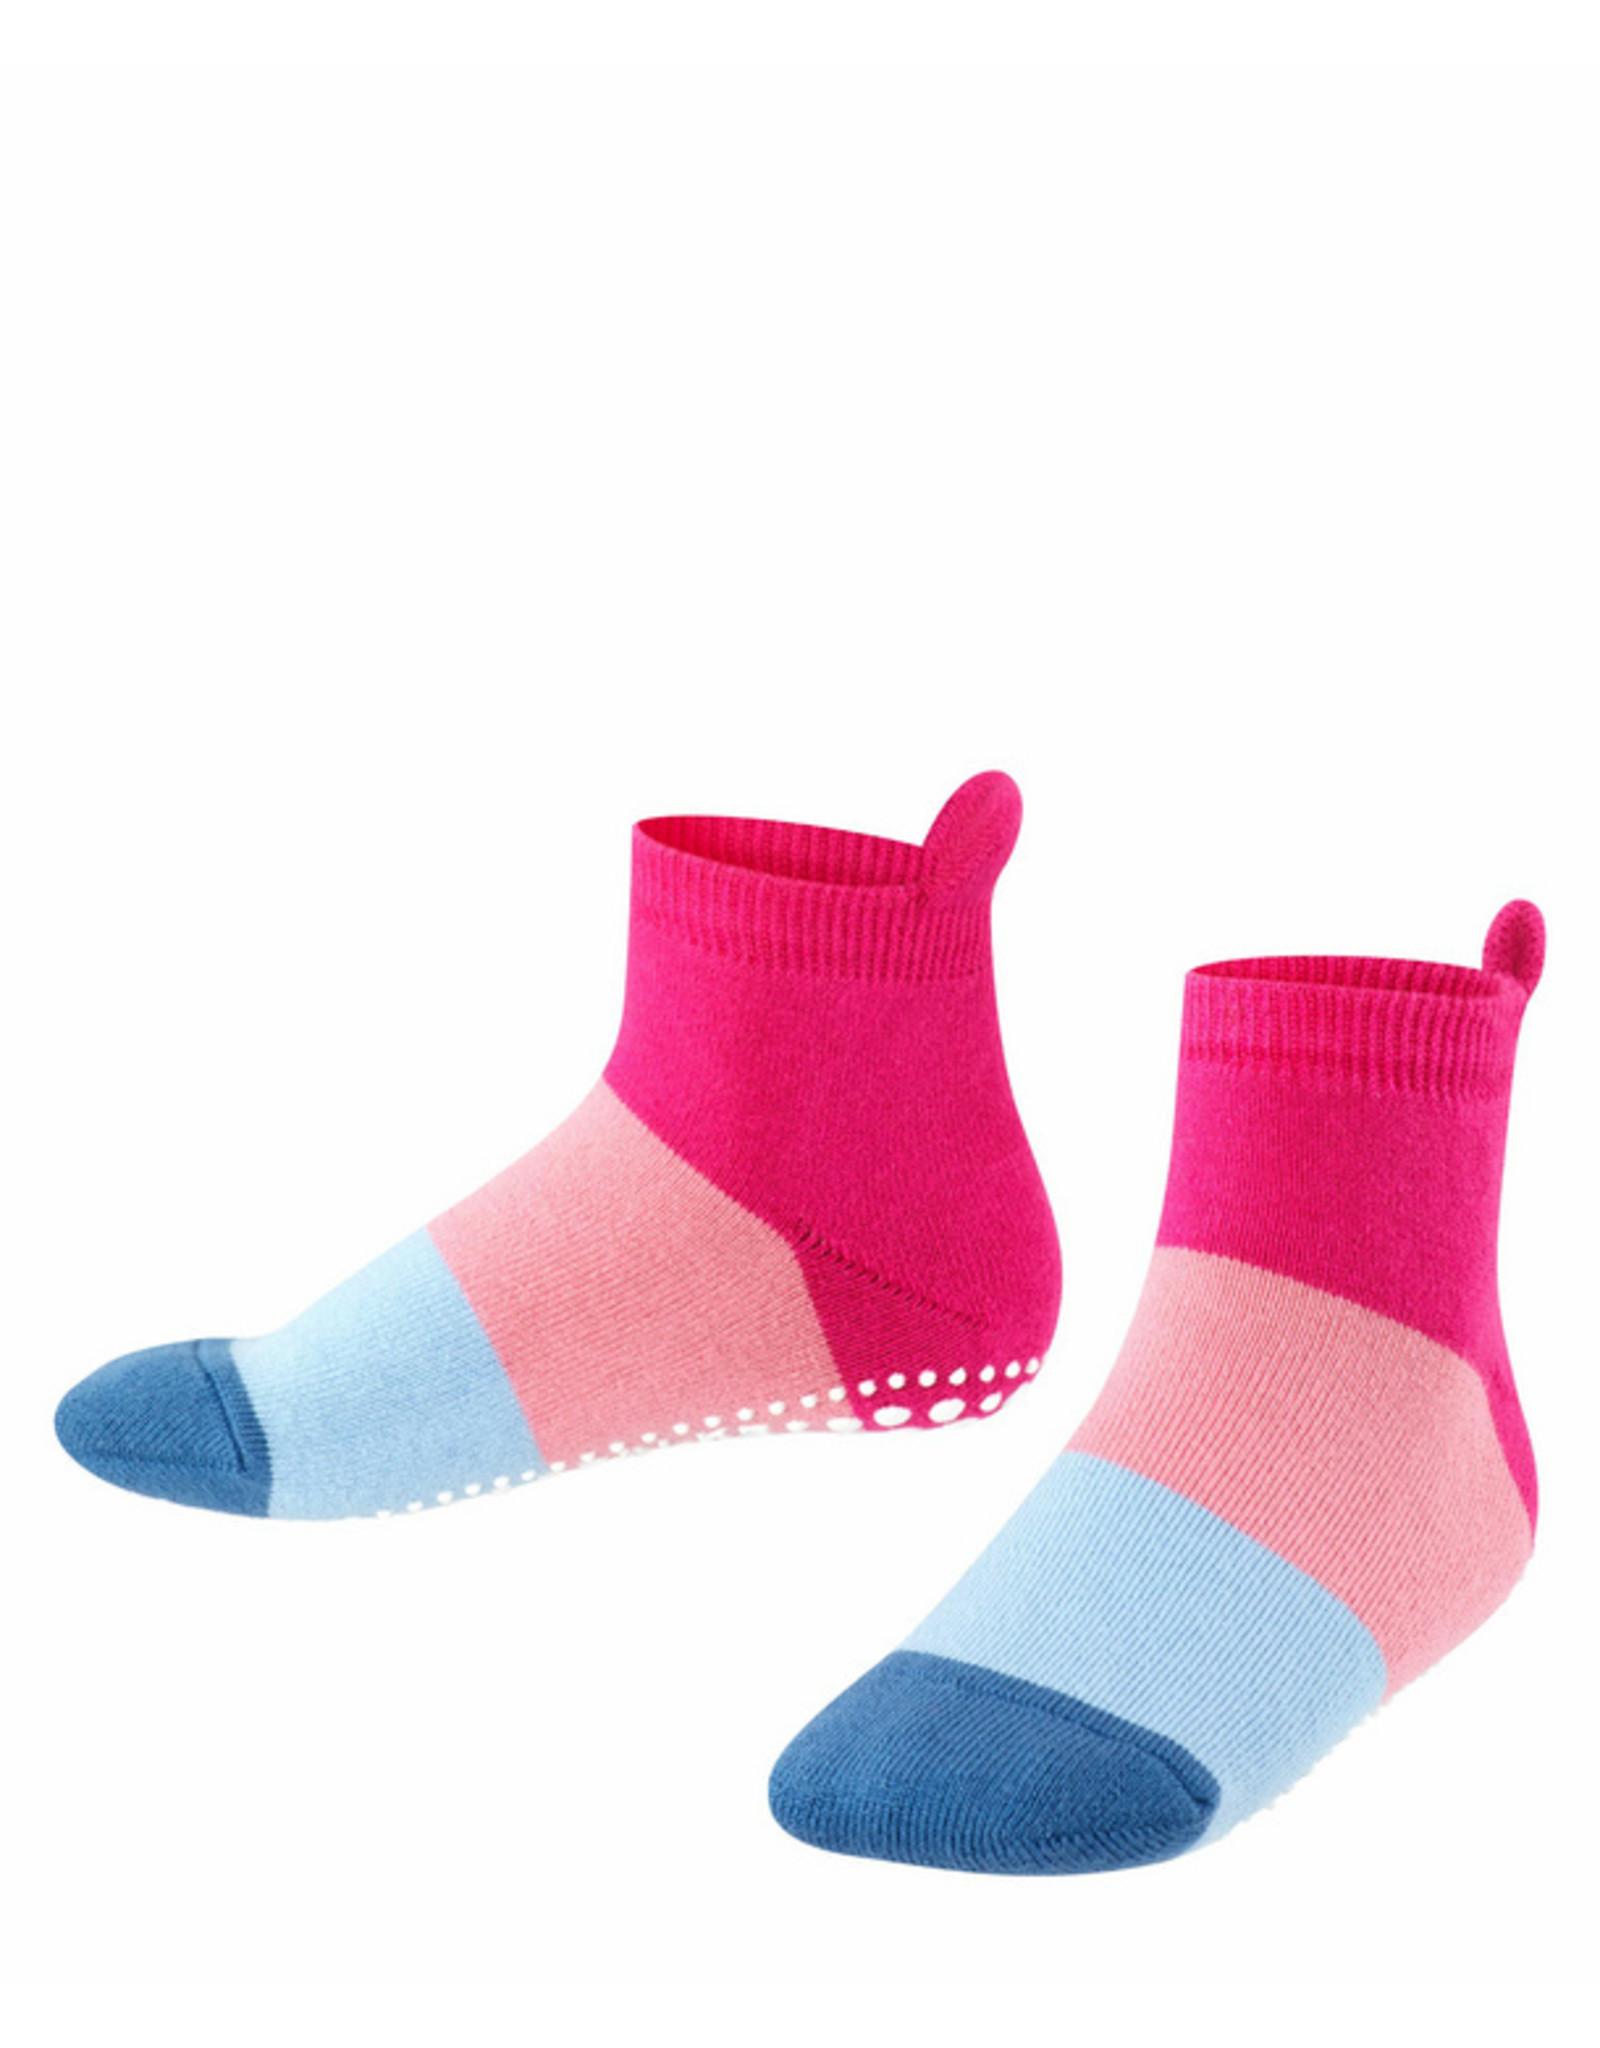 Falke Falke anti-slip sokken gestreept roze blauw